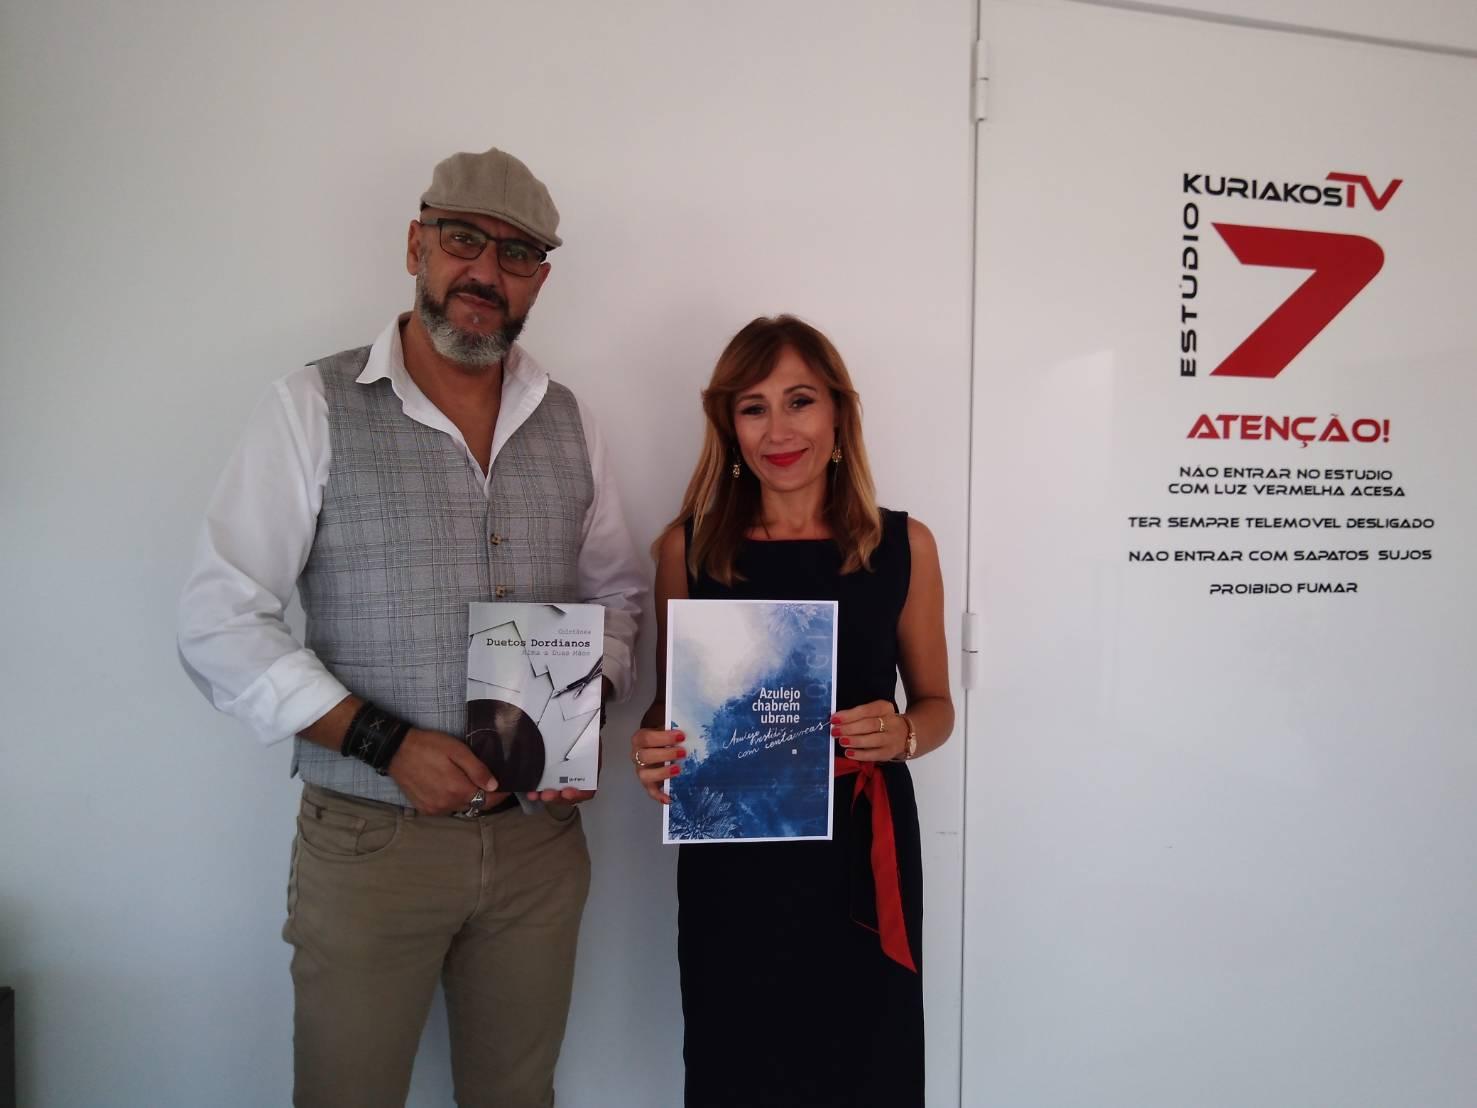 """O antologii poezji polsko- portugalskiej  """"Azulejo chabrem ubrane"""" w portugalskiej stacji telewizyjnej KuriakosTv"""